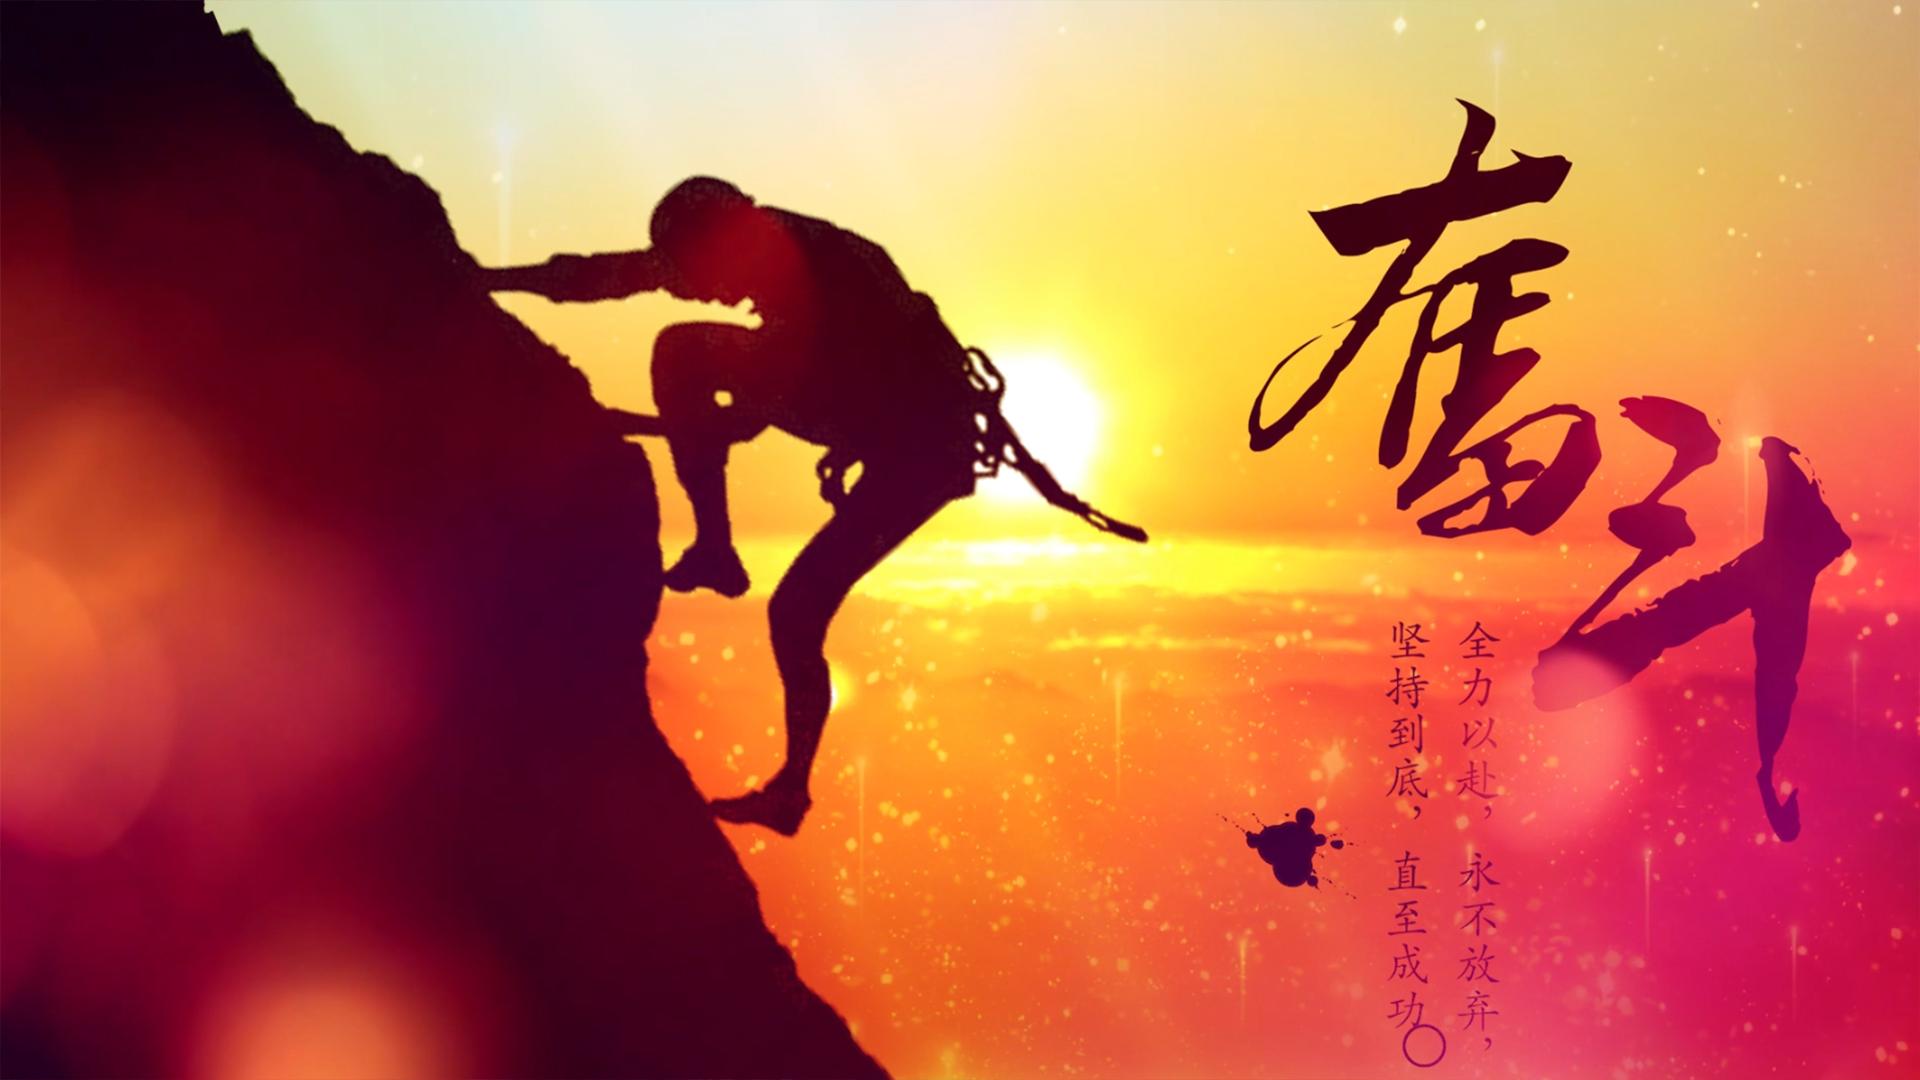 《步步高》高林生 \-励志歌曲背景